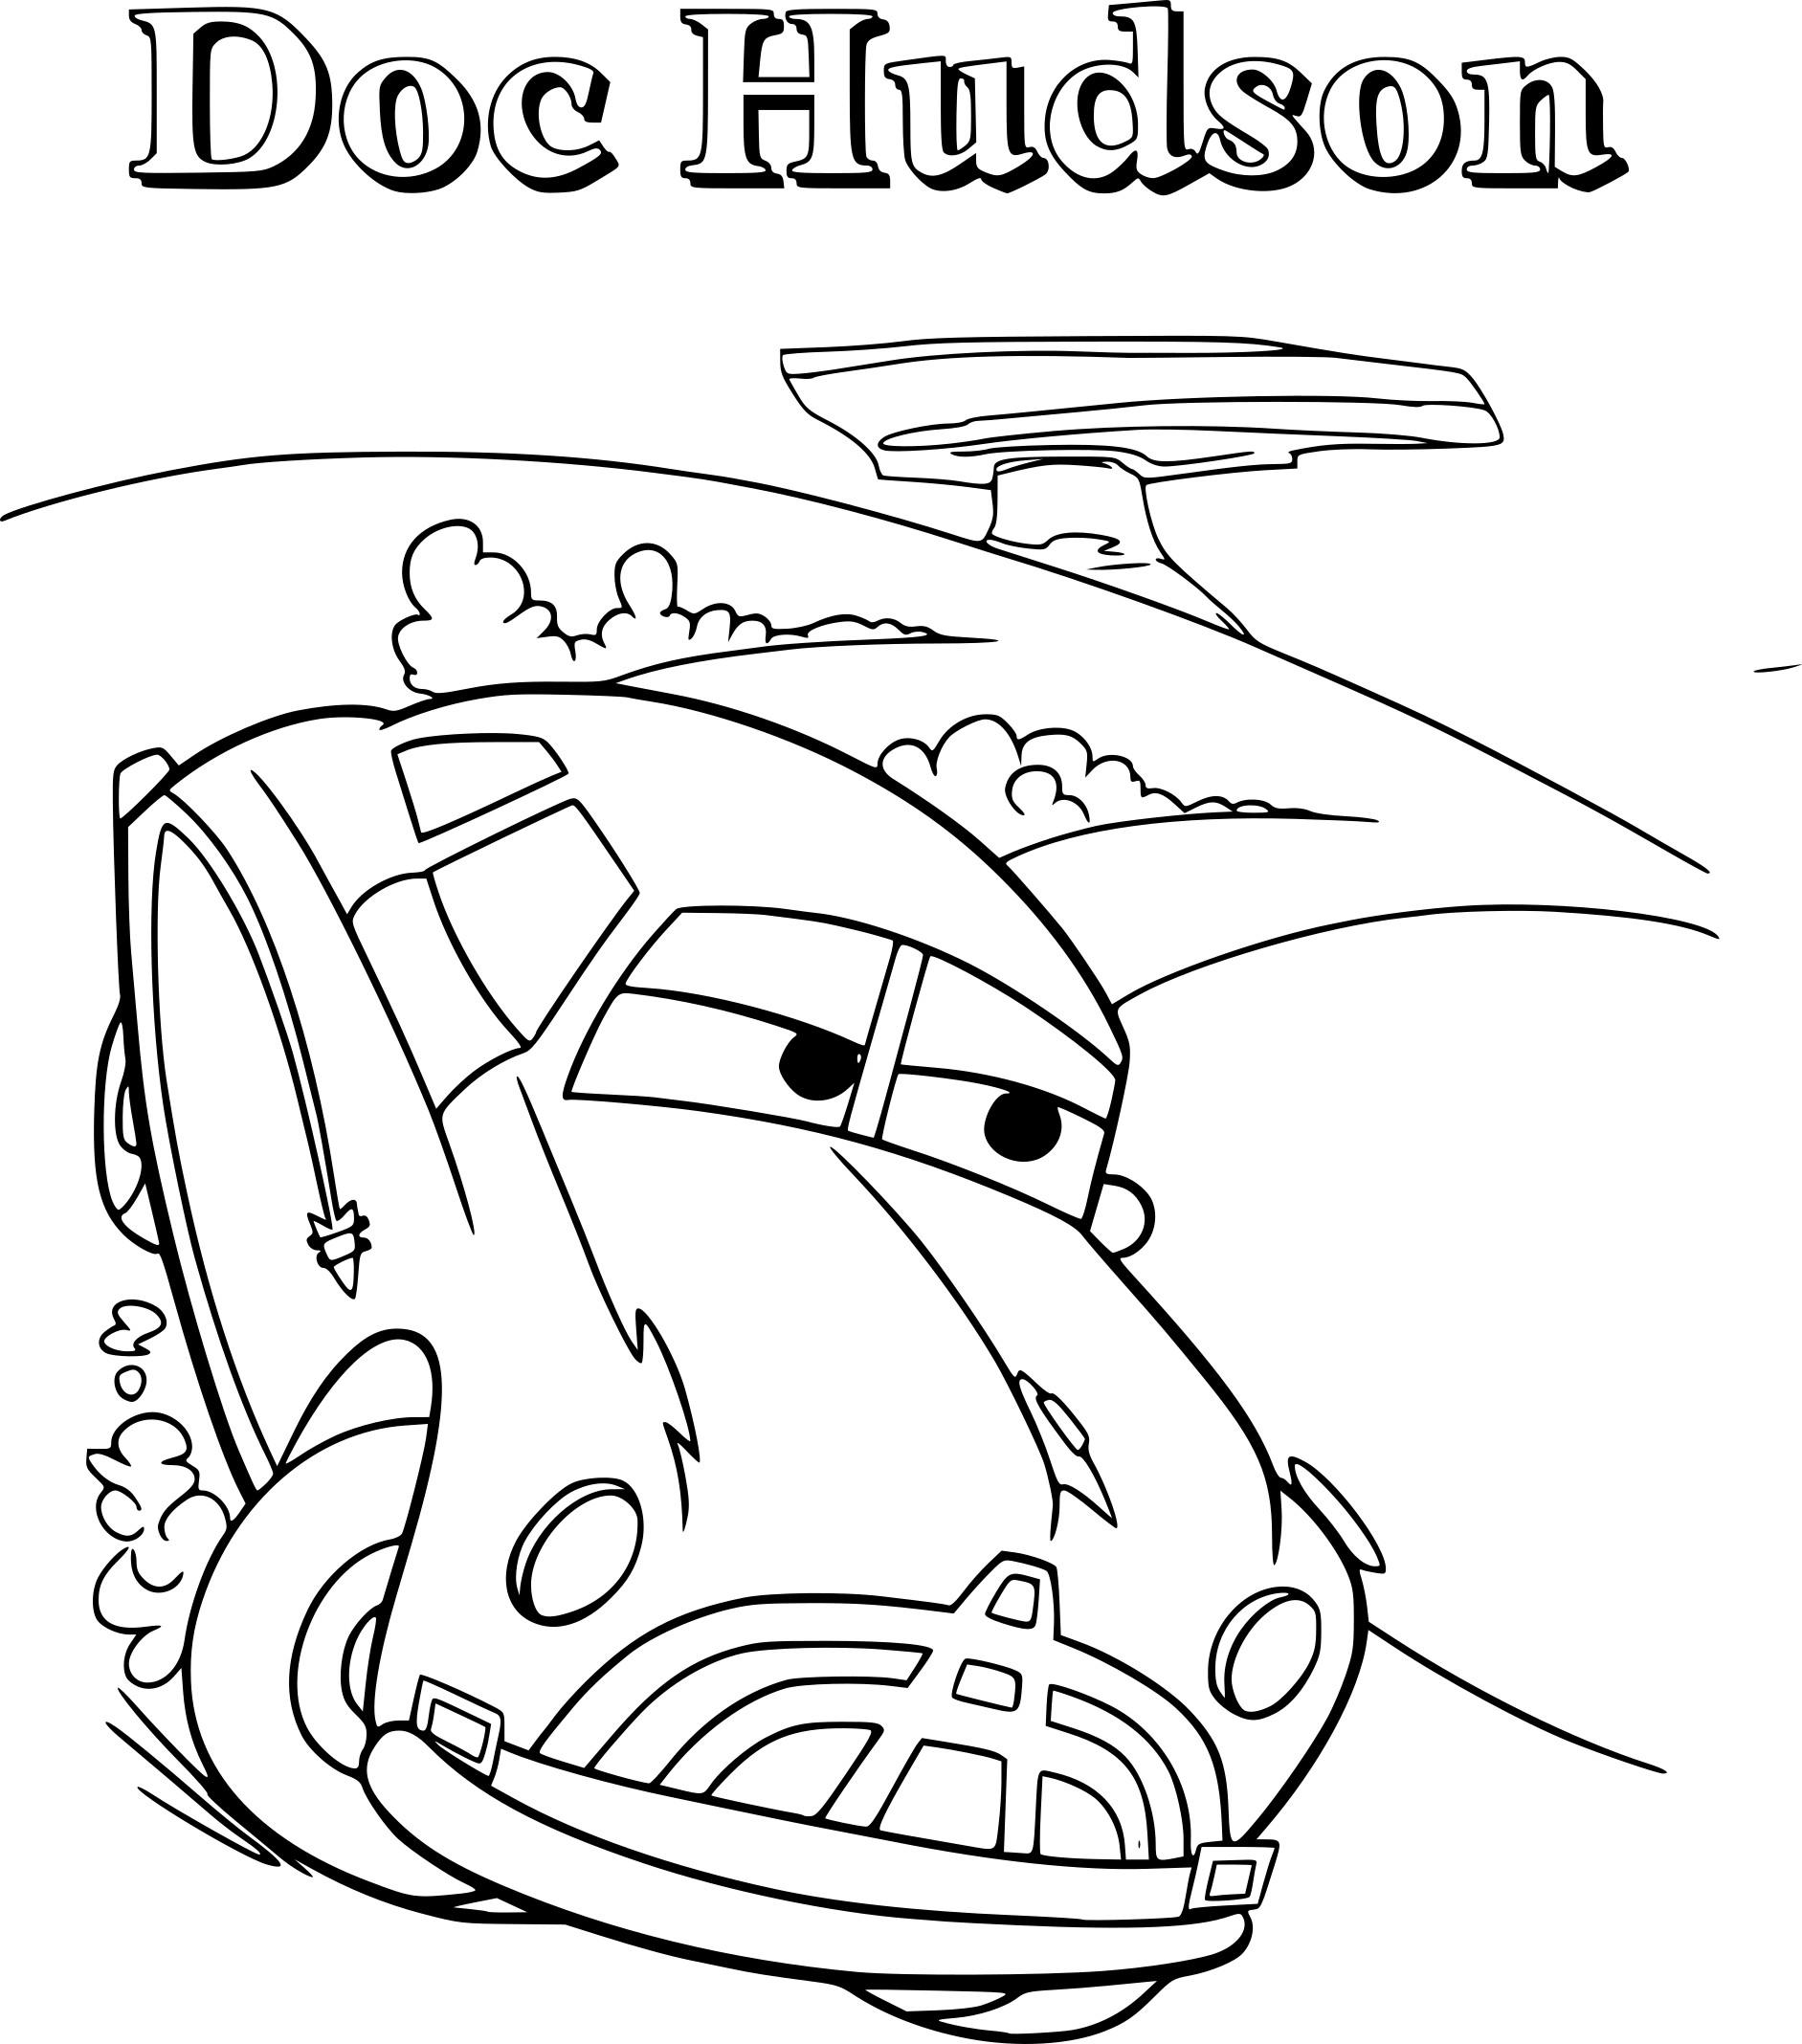 Coloriage Cars Doc Hudson.Coloriage Cars Doc Hudson A Imprimer